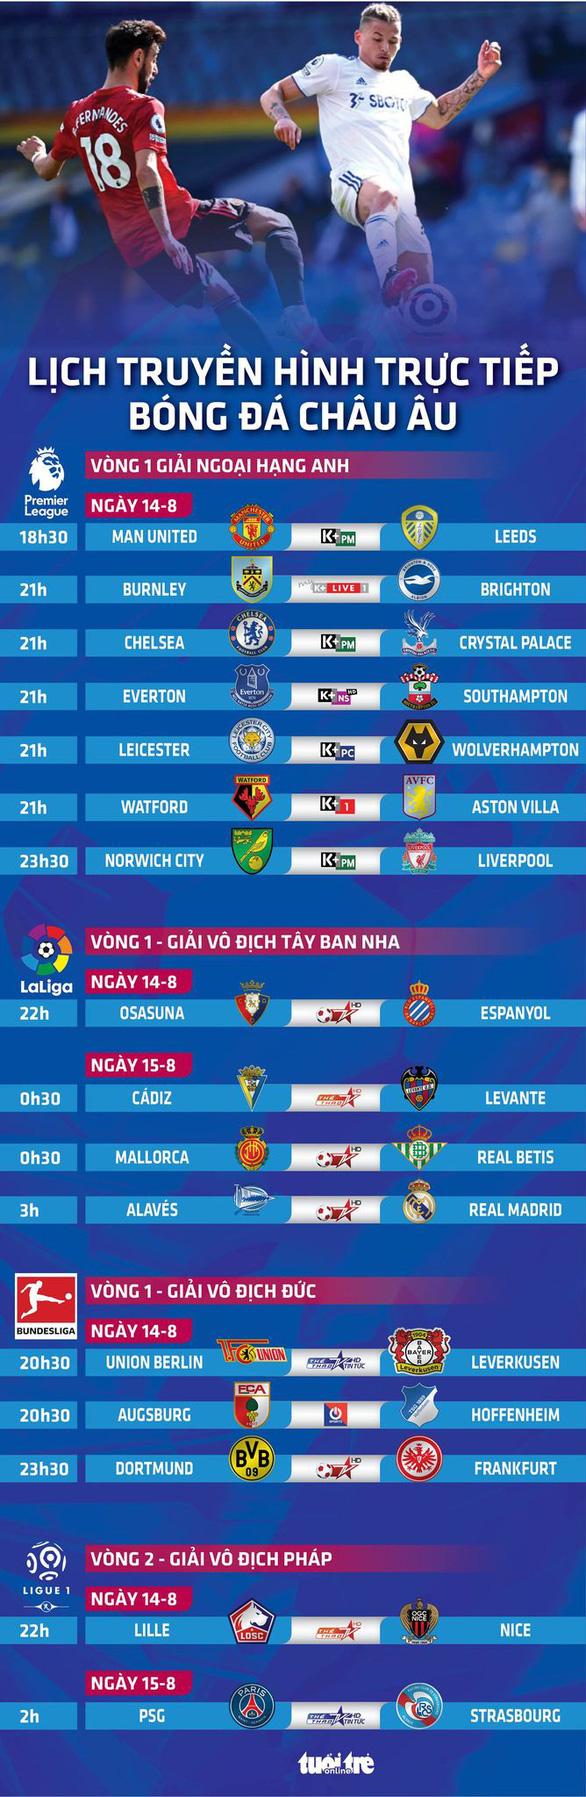 Lịch trực tiếp bóng đá châu Âu 14-8: Man United, Chelsea, Real và PSG ra sân - Ảnh 1.